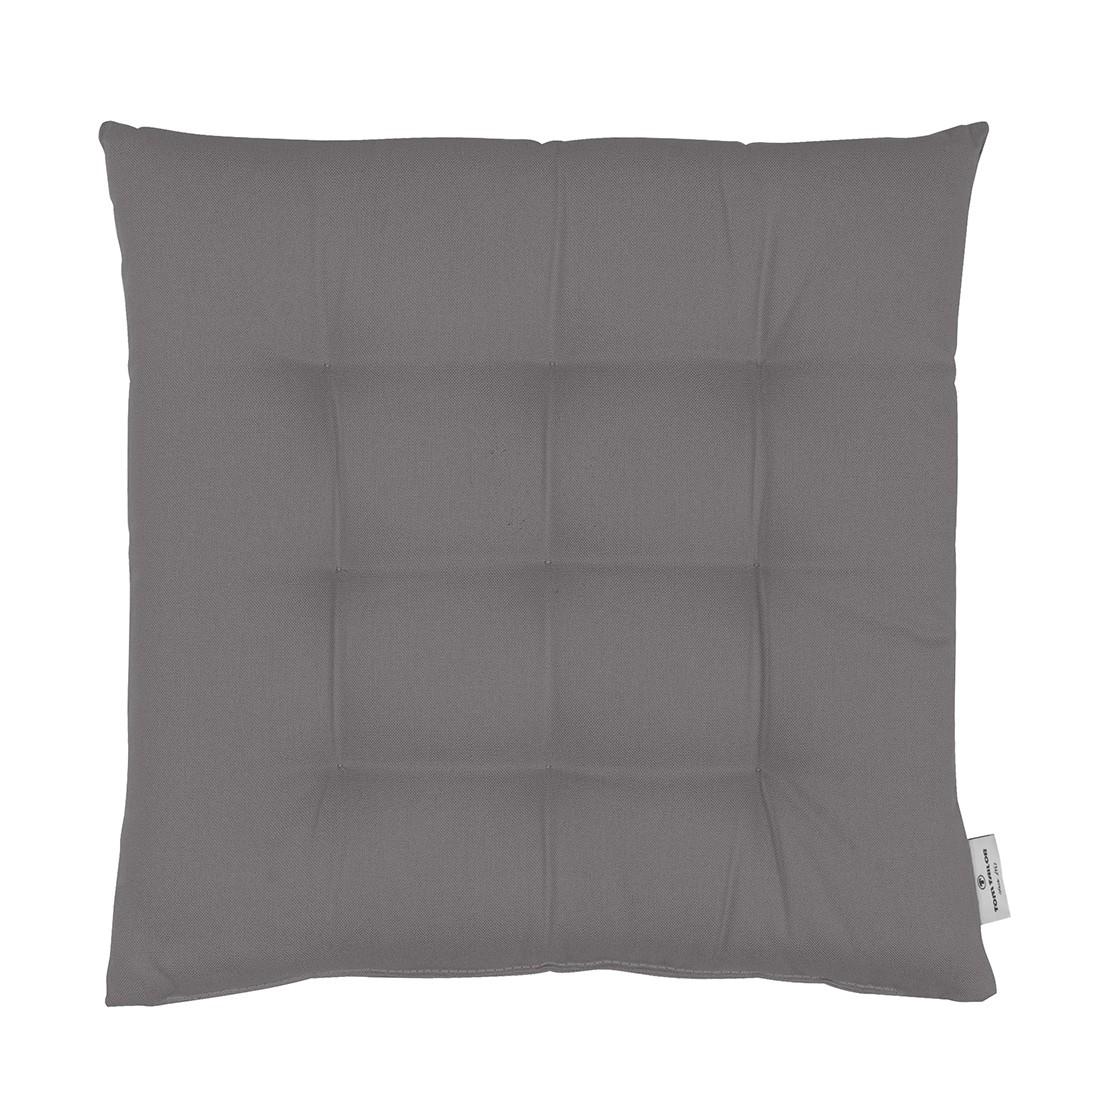 Sitzkissen T-Dove – Grau – Maße: 40 x 40 cm, Tom Tailor online bestellen